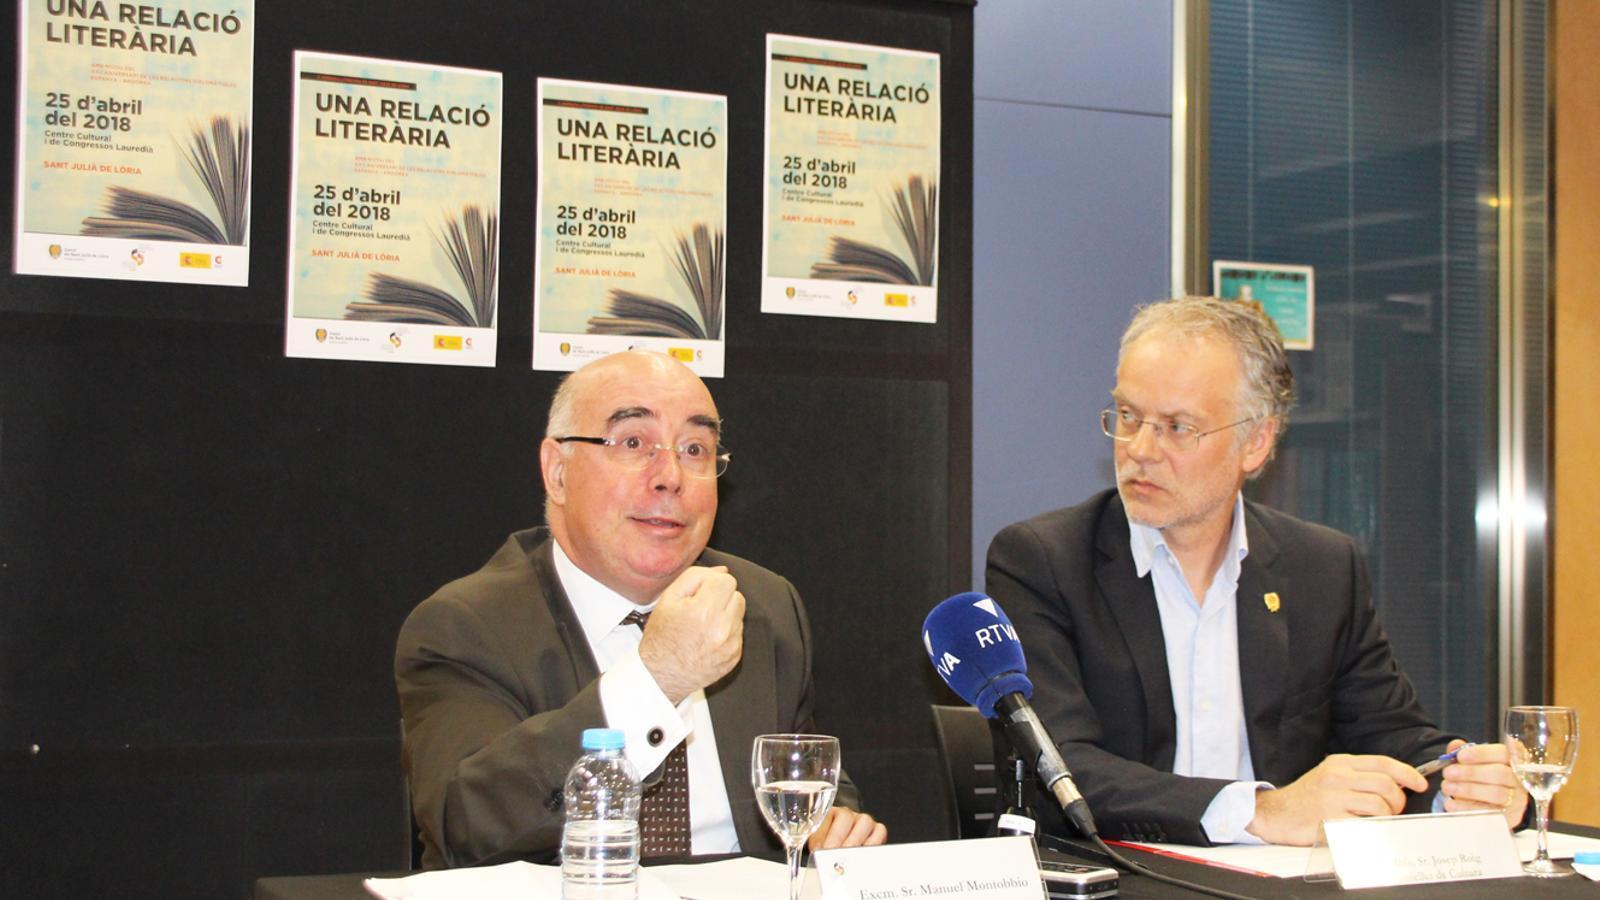 L'ambaixador d'Espanya a Andorra, Manuel Montobbio, i el conseller de Cultura, Josep Roig, en la presentació de la jornada literària. / E. J. M. (ANA)